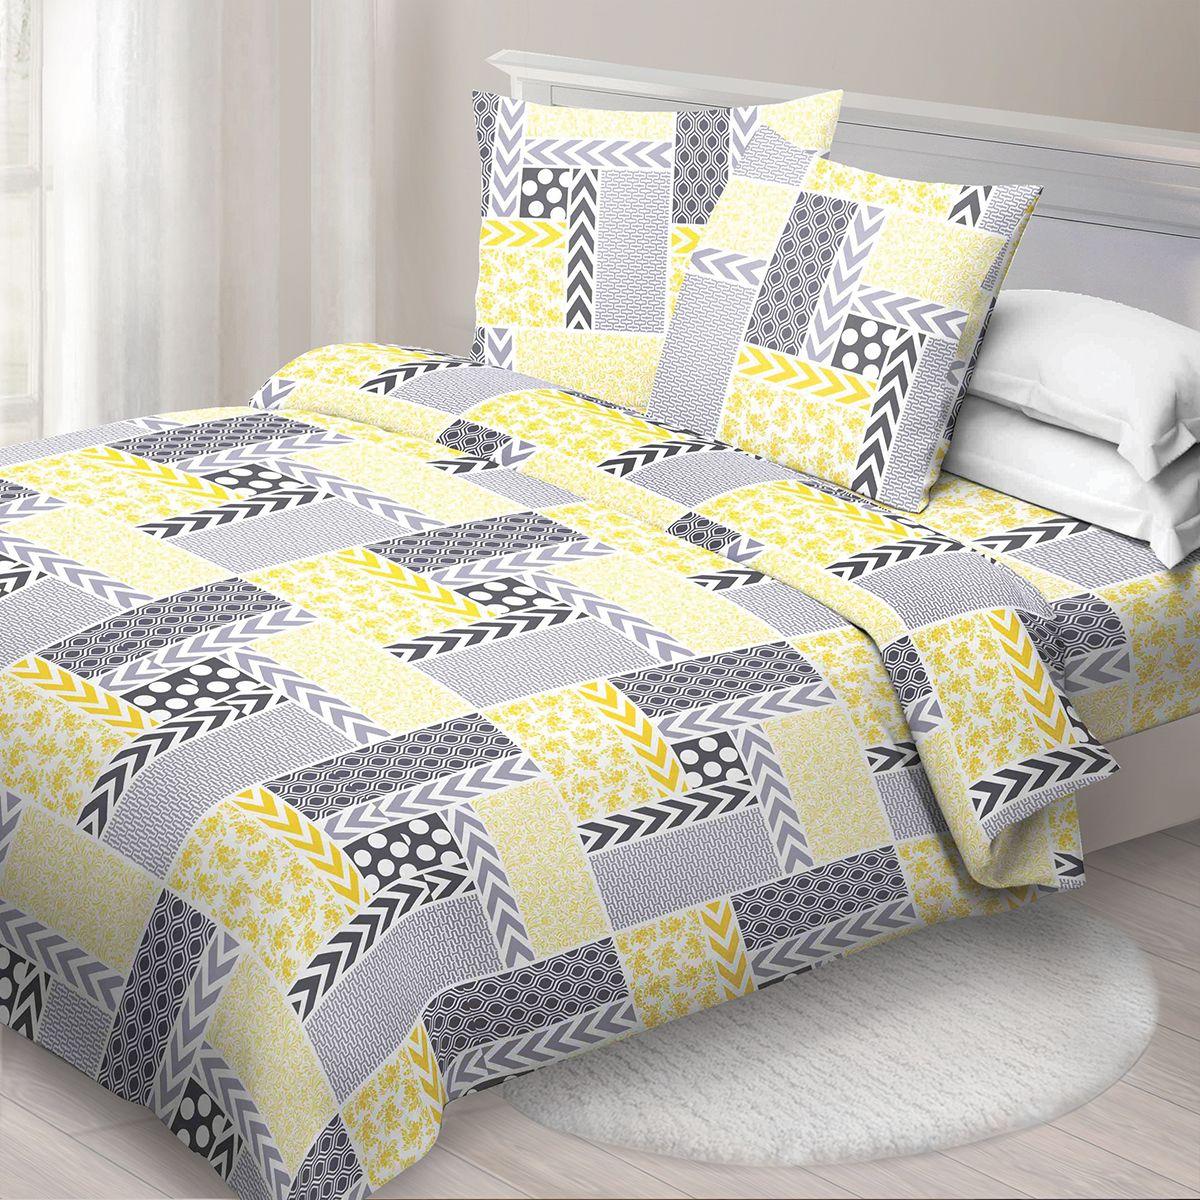 Комплект белья Спал Спалыч Палермо, 1,5-спальное, наволочки 70x70, цвет: желтый90876Спал Спалыч - недорогое, но качественное постельное белье из белорусской бязи. Актуальные дизайны, авторская упаковка в сочетании с качественными материалами и приемлемой ценой - залог успеха Спал Спалыча! В ассортименте широкая линейка домашнего текстиля для всей семьи - современные дизайны современному покупателю! Ткань обработана по технологии PERFECT WAY - благодаря чему, она становится более гладкой и шелковистой. • Бязь Барановичи 100% хлопок • Плотность ткани - 125 гр/кв.м.